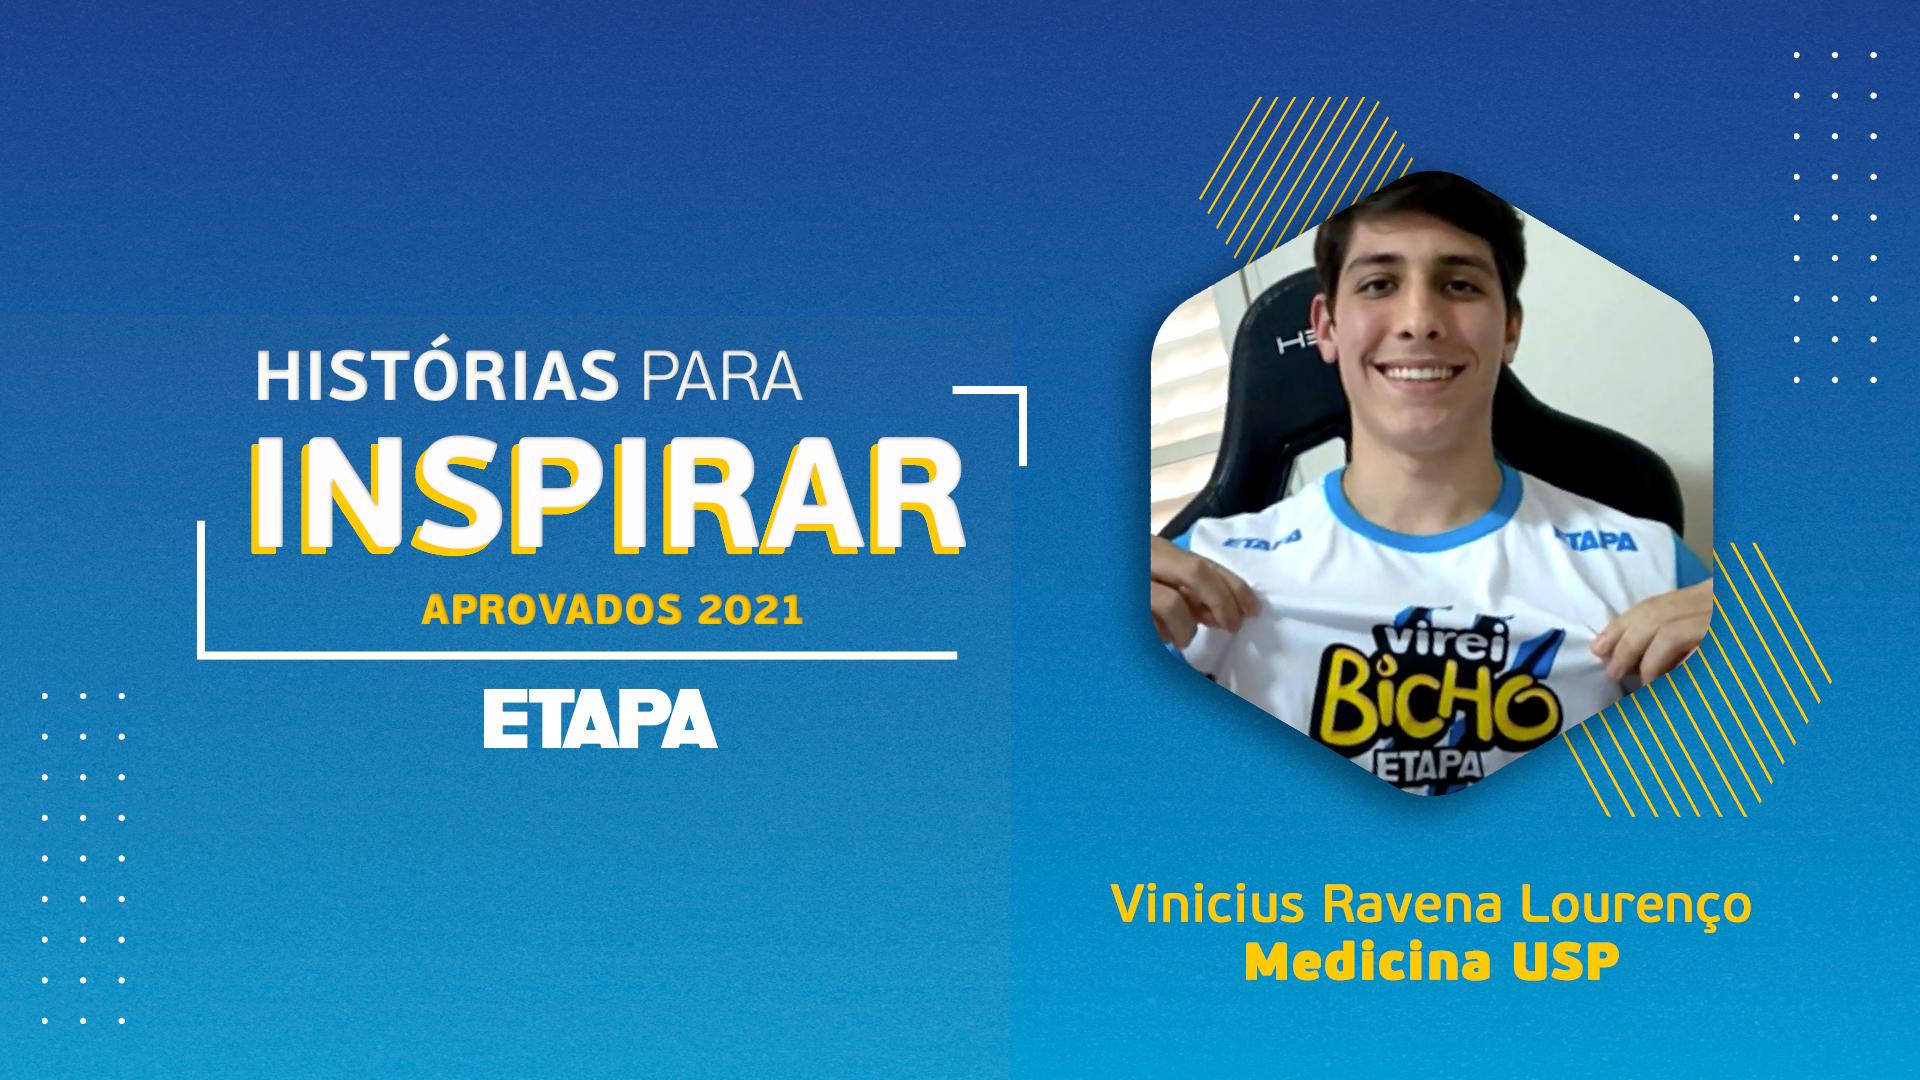 Vinícius Ravena Lourenço lista os fatores que fizeram a diferença para que ele conquistasse a aprovação no curso de Medicina.